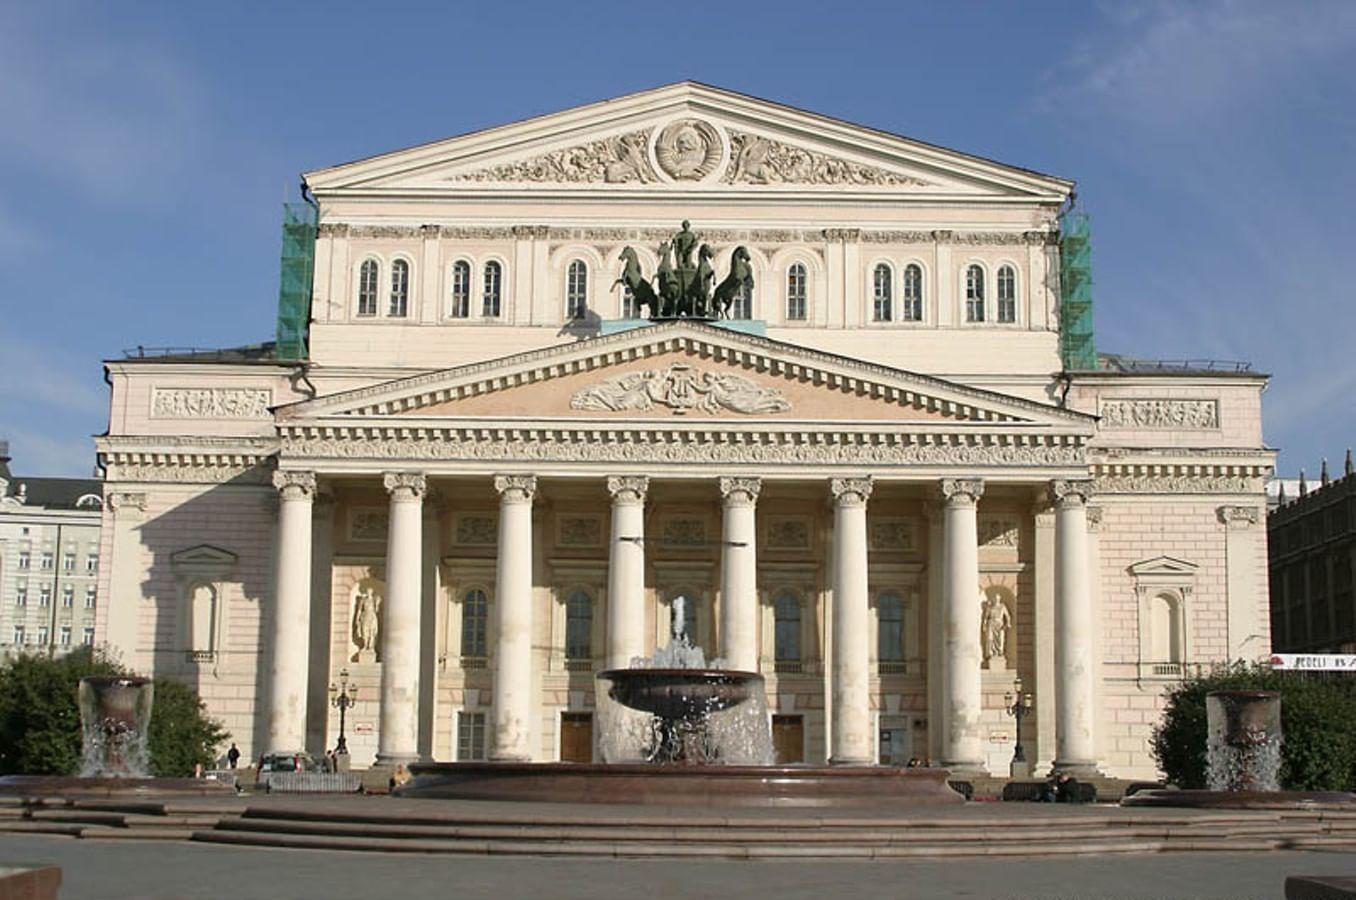 Театры чаще располагаются в исторических зданиях, чем кинотеатры